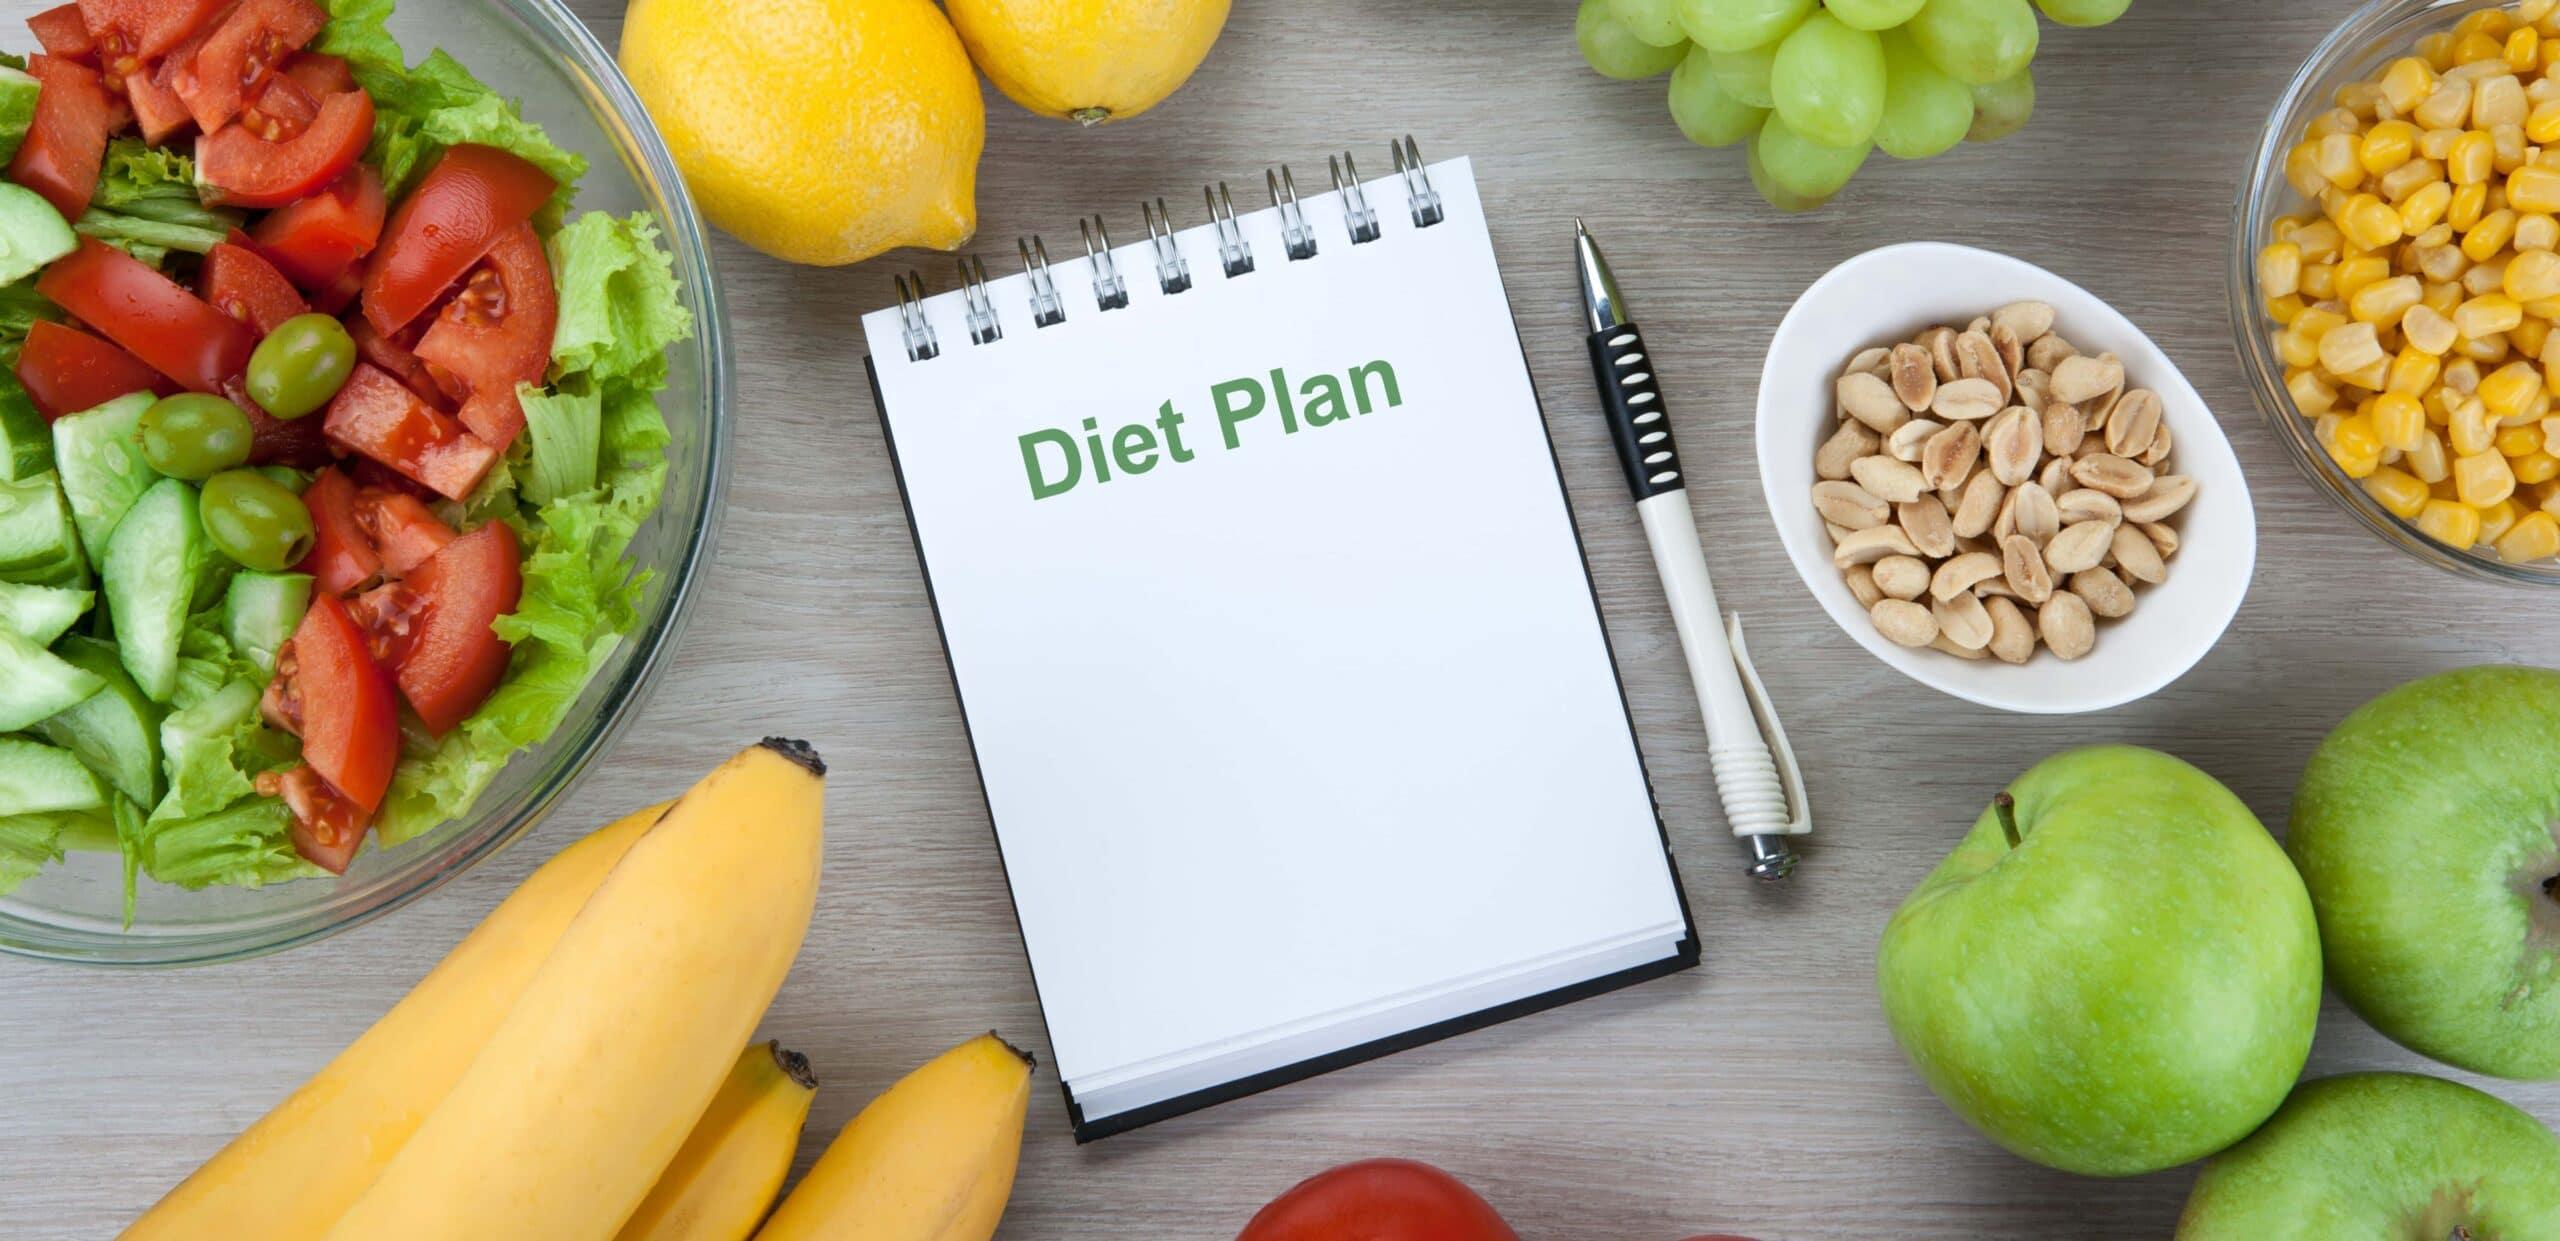 dieta equilibrata e alimentazione sana menu